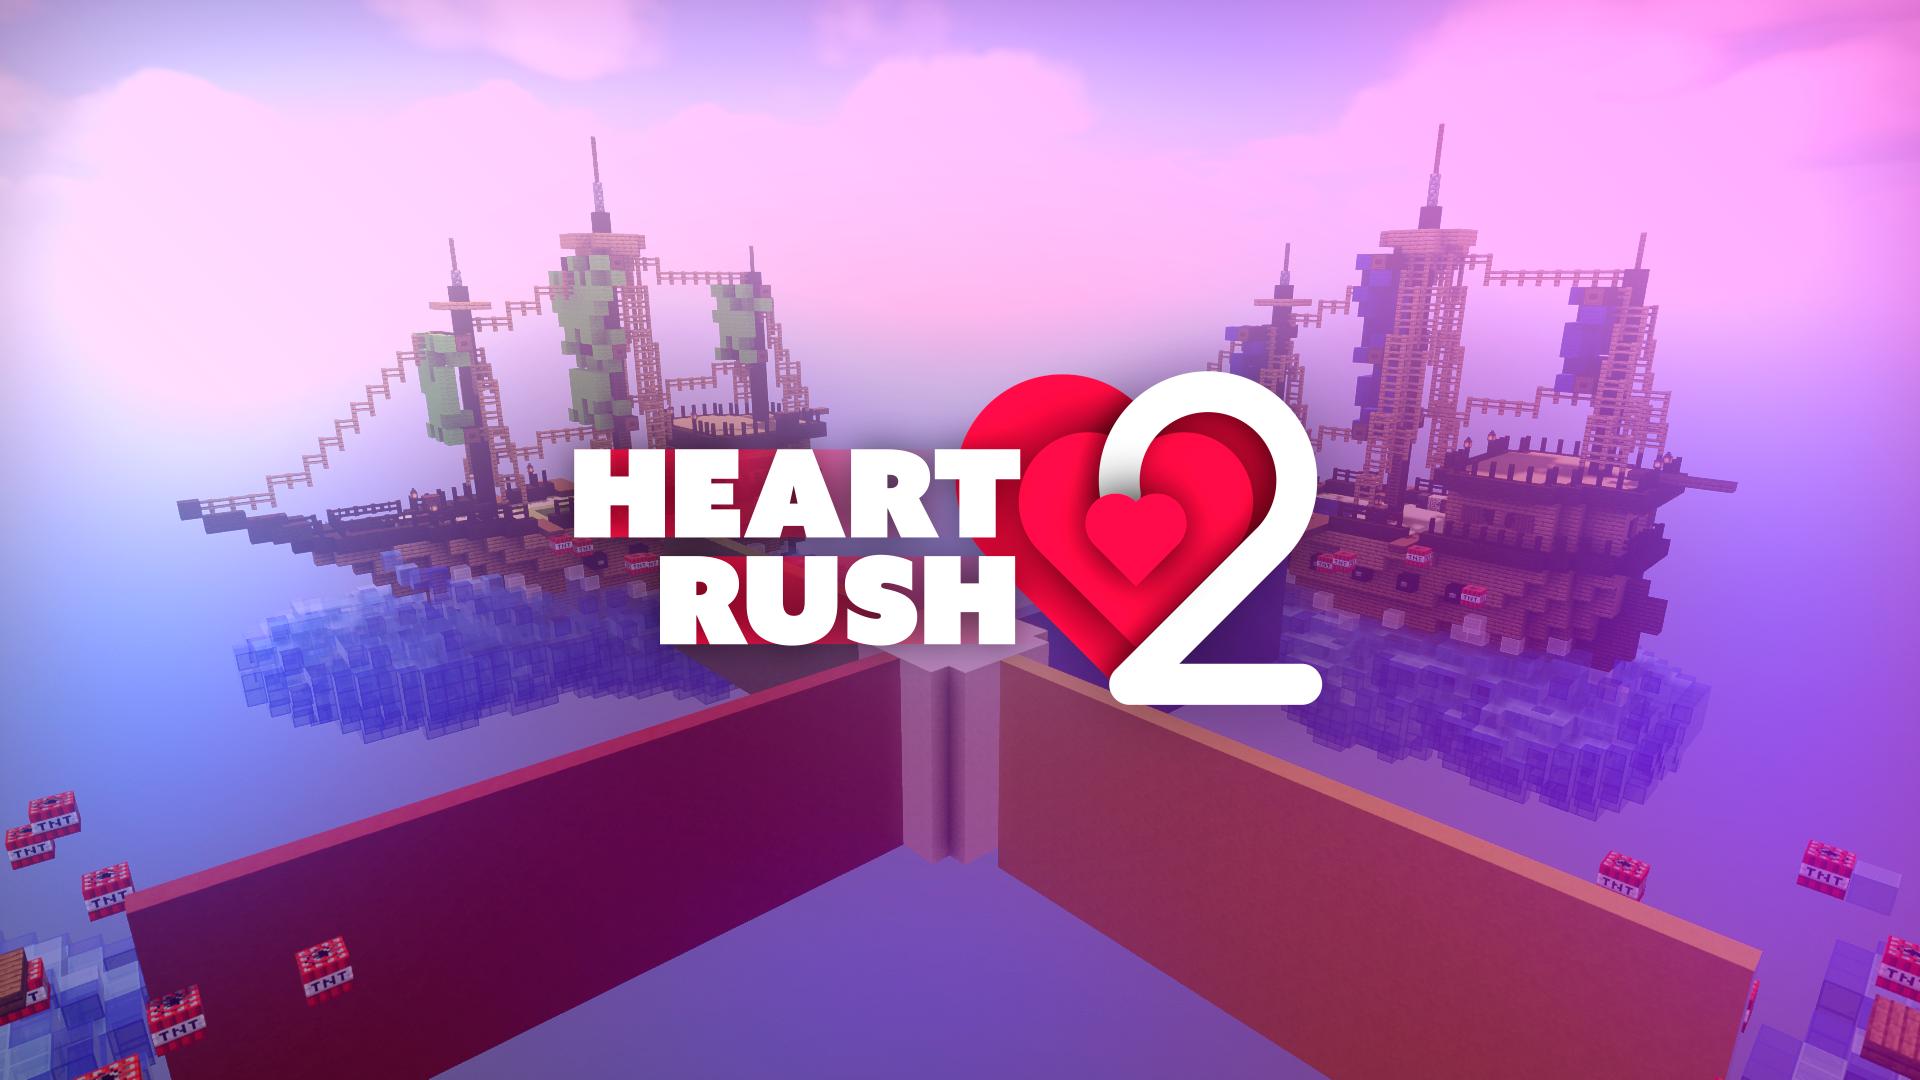 Heart Rush 2